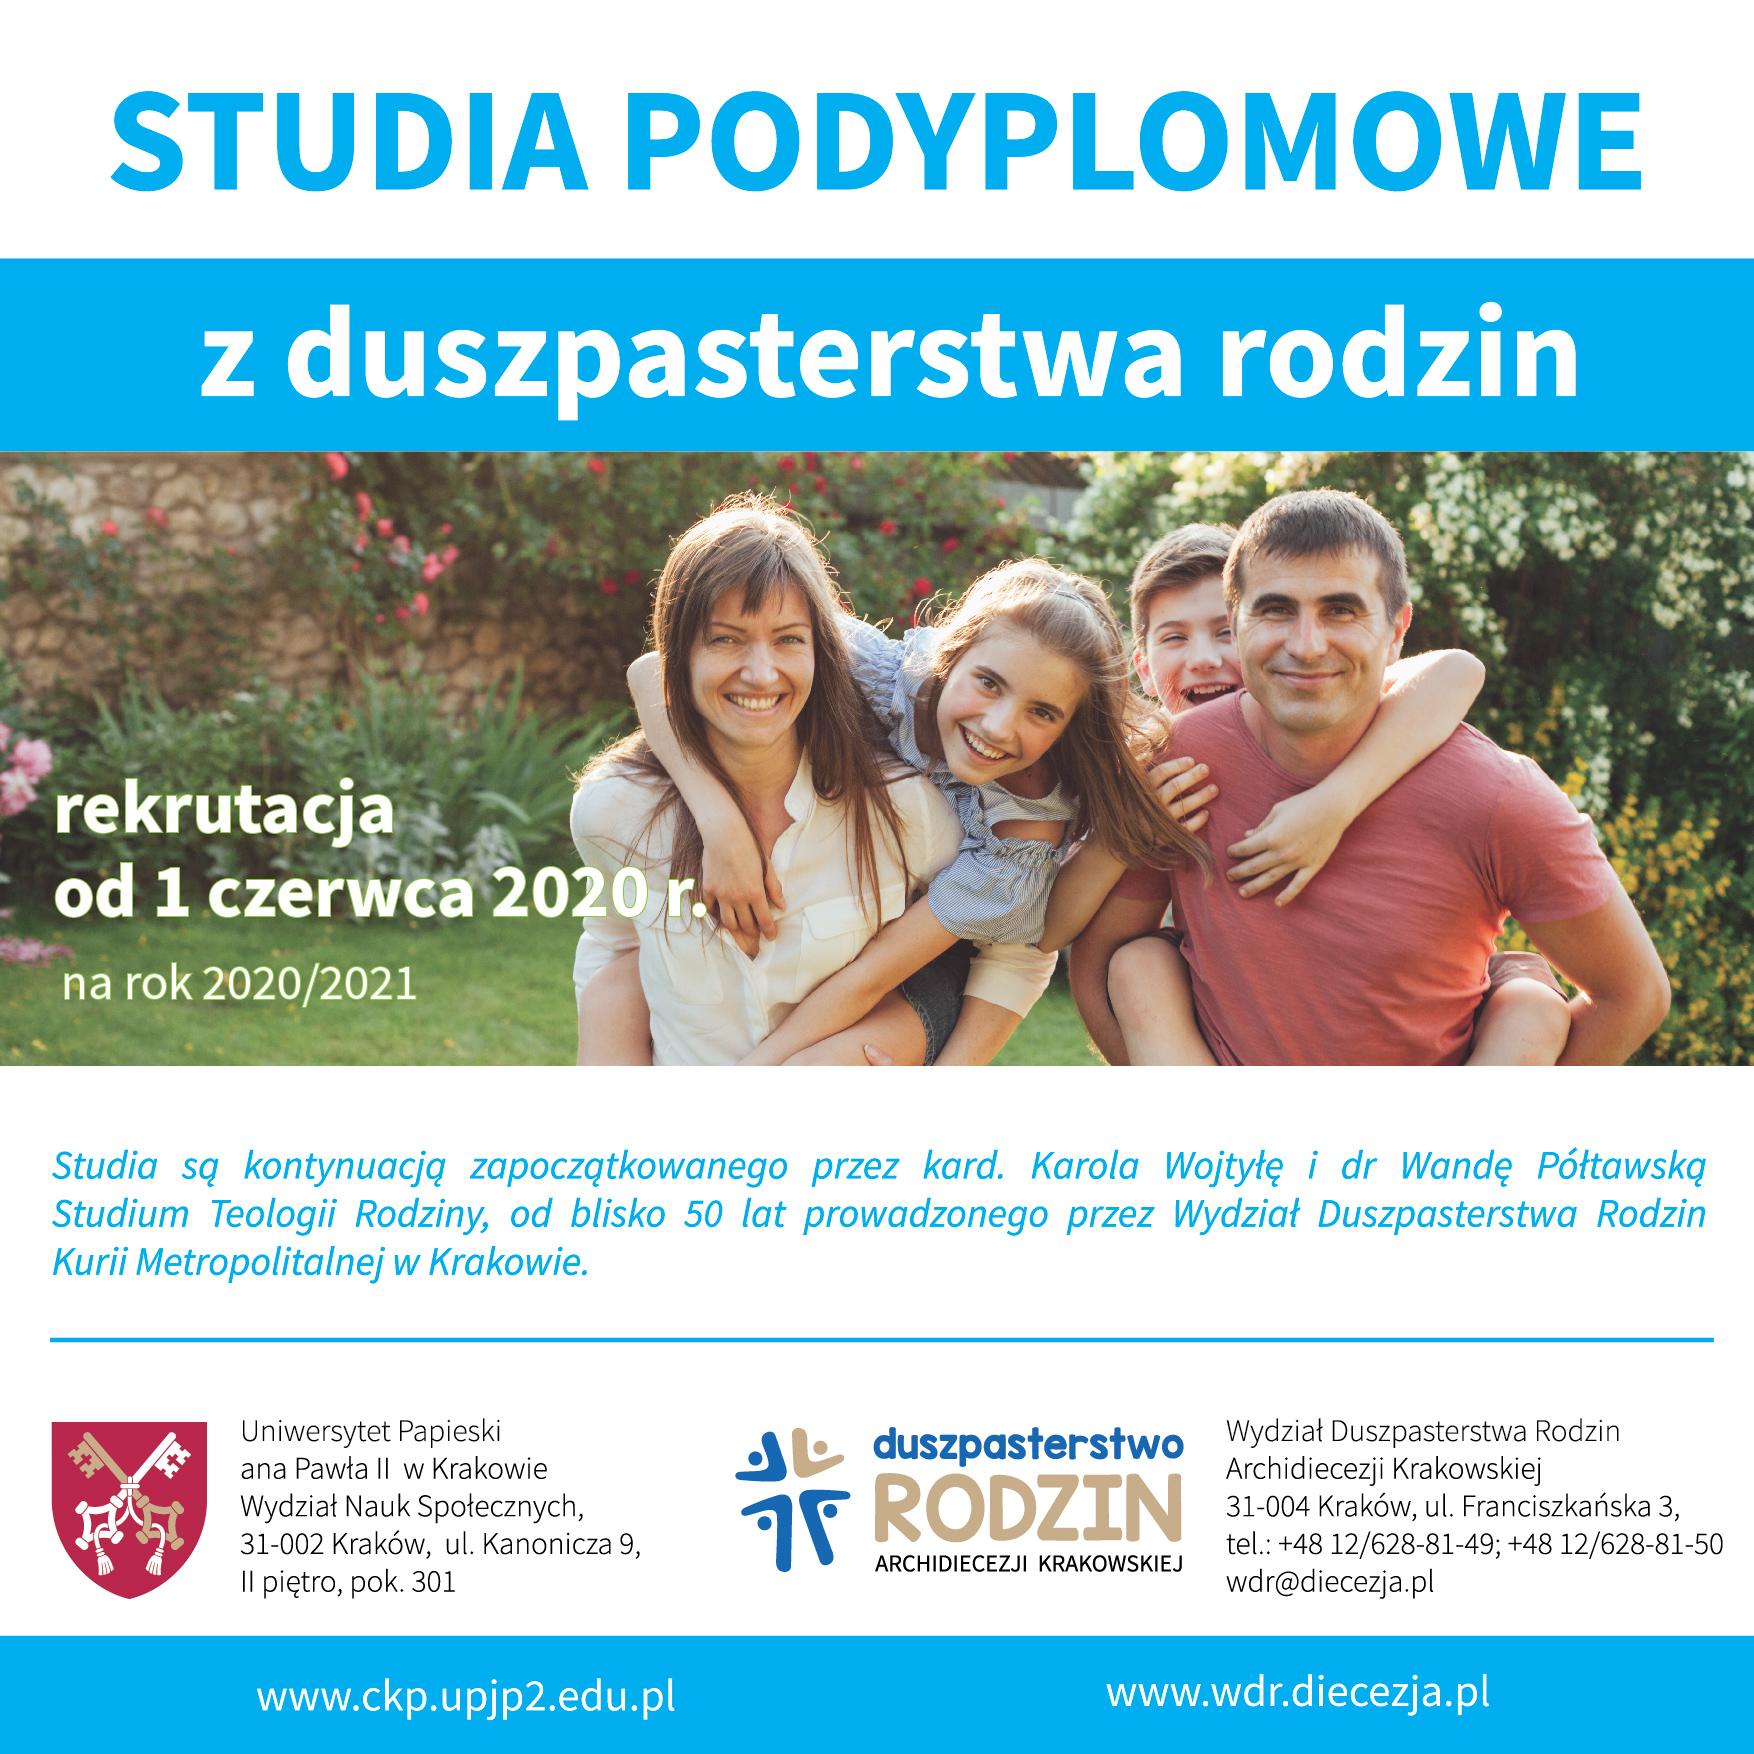 Studia podyplomowe z duszpasterstwa rodzin – rekrutacja od 1 czerwca 2020 r.